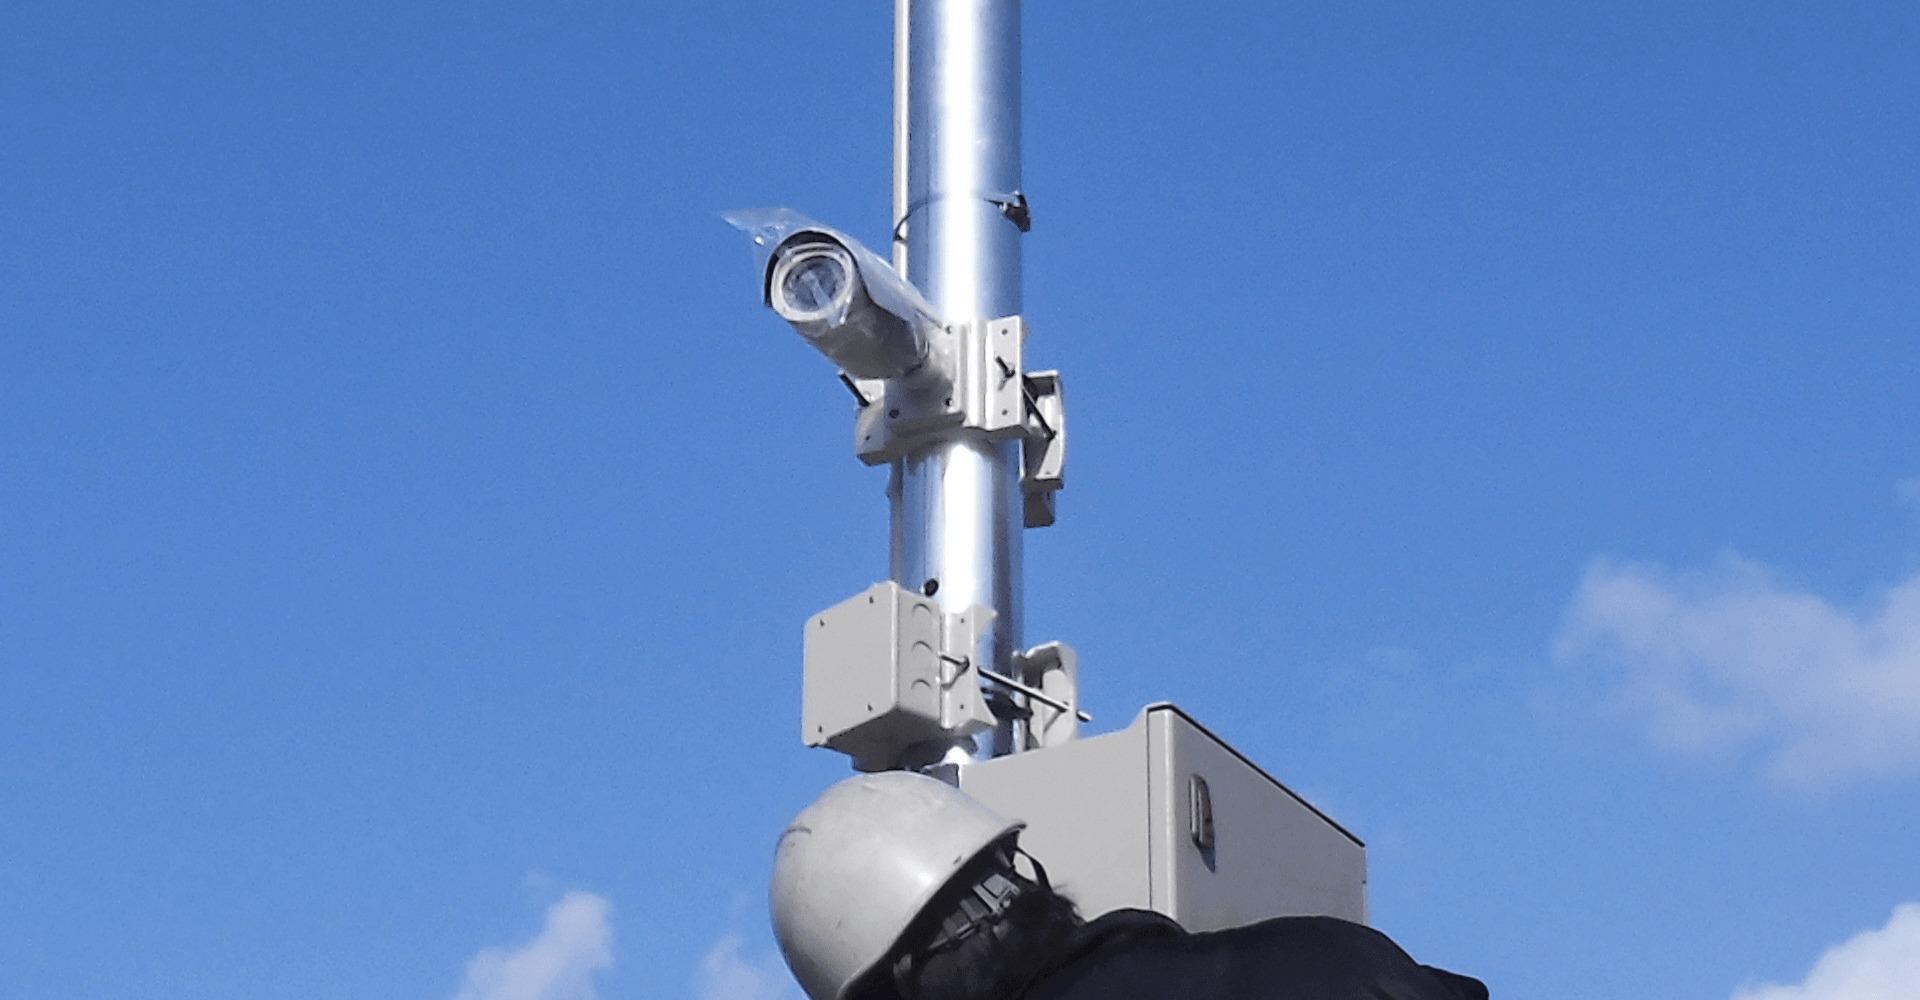 プロの目線の防犯カメラの設置場所選び